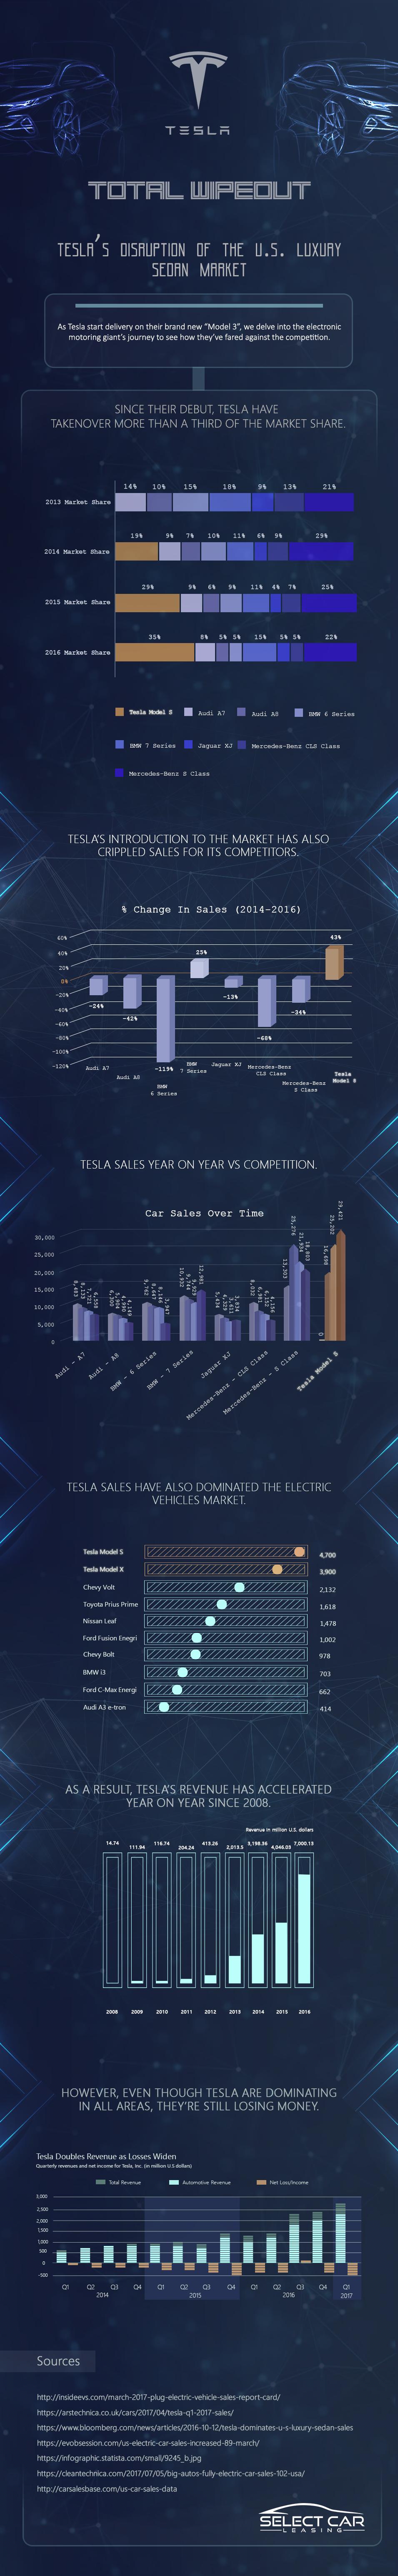 Aandeel Tesla in de elektrische automarkt